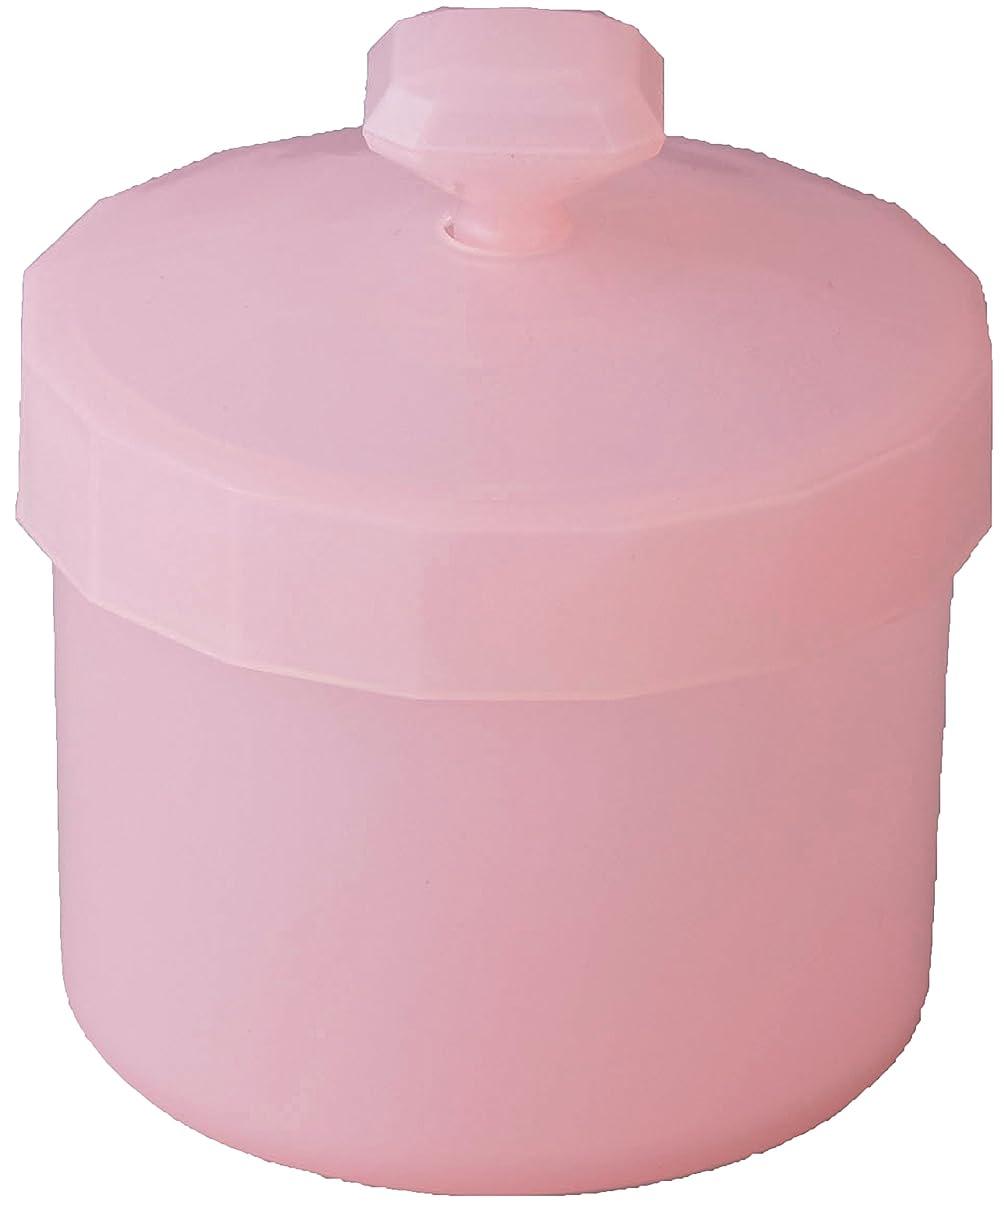 基準真珠のような記念日ジュエリア あわあわ 洗顔 泡立て器 マイクロホイッパー ピンク